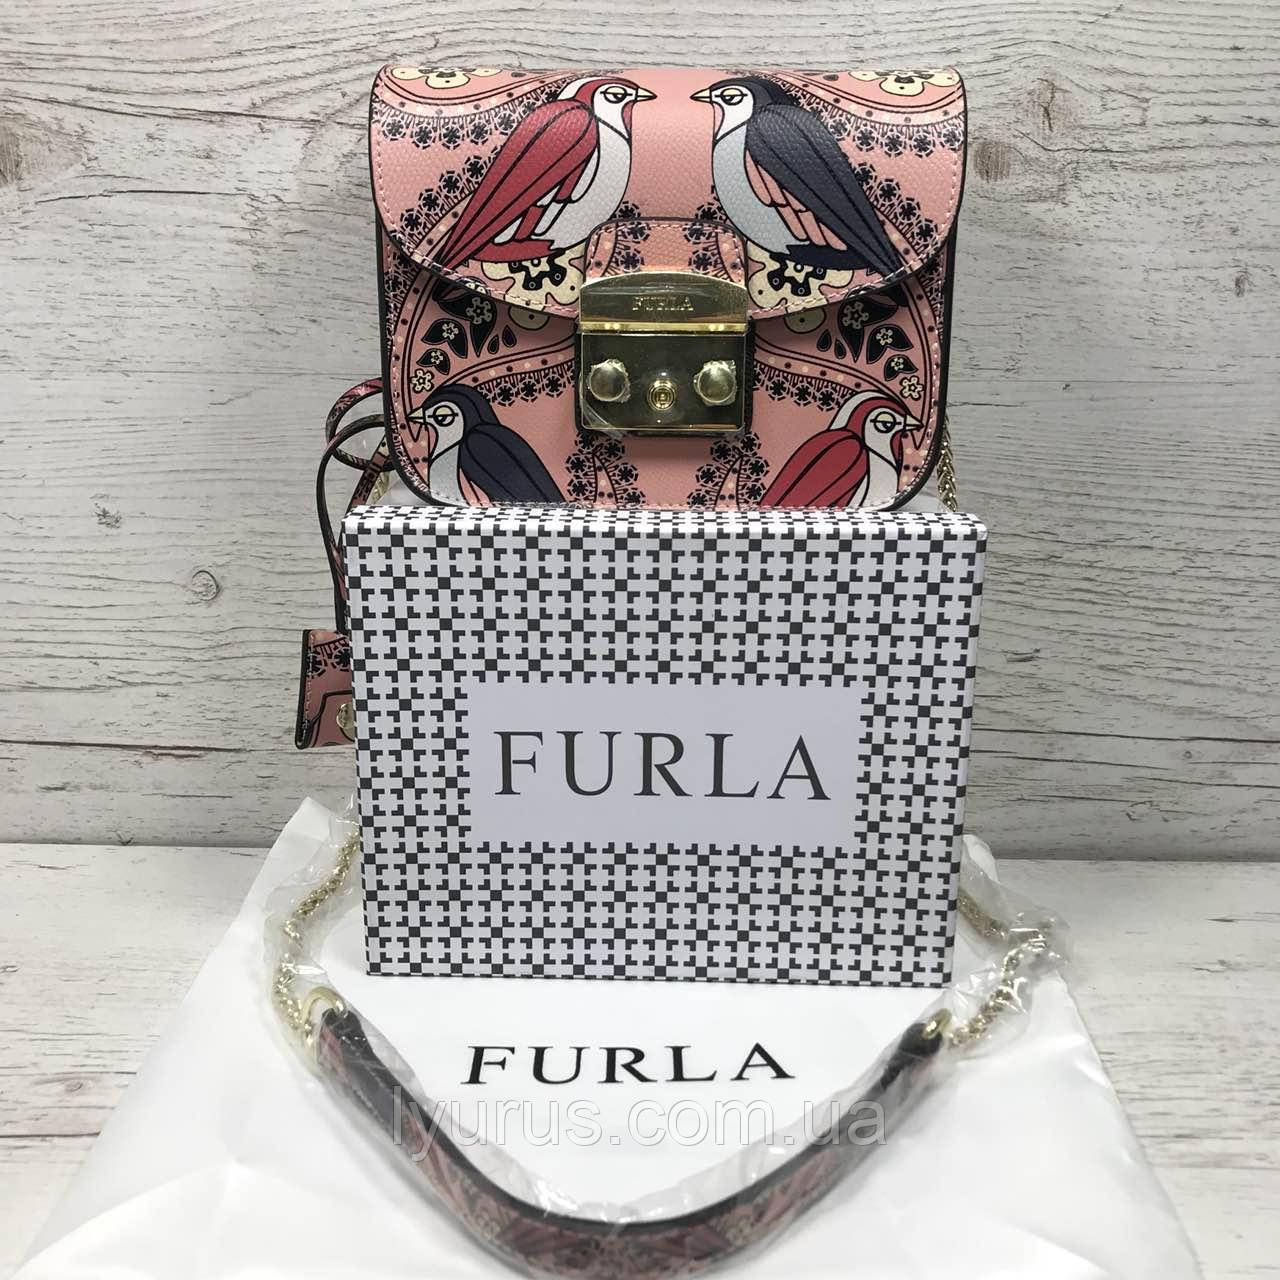 Кожаная сумка клатч Furla metropolis разноцветье